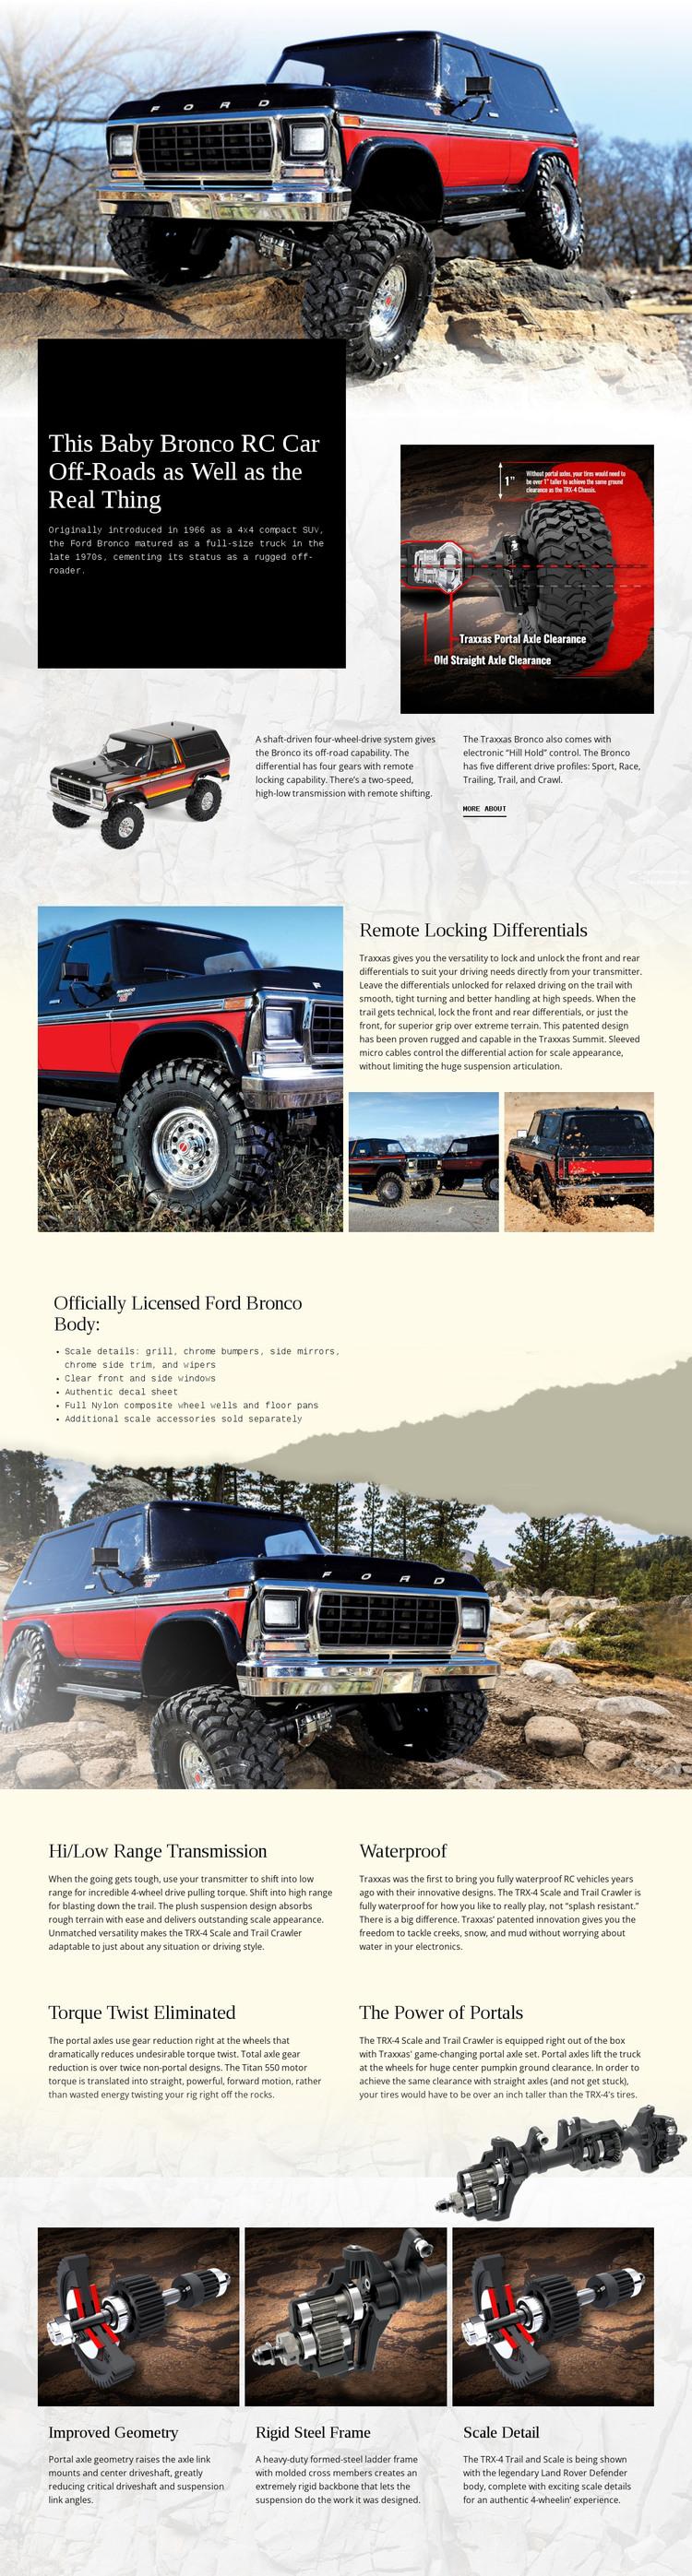 Bronco Rc Car Web Design